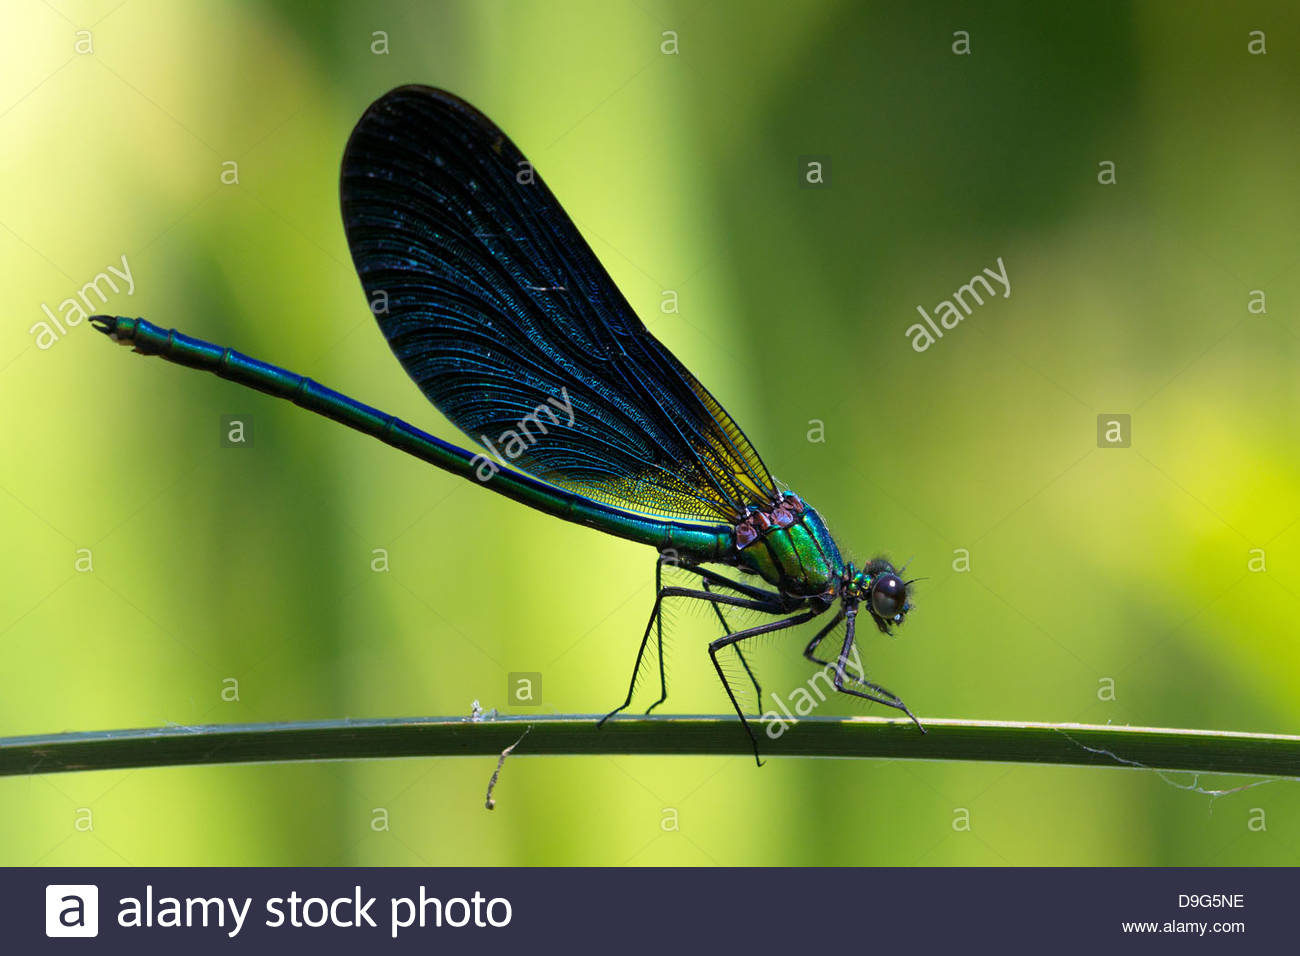 calopteryx-virgo-damselfly-known-as-the-